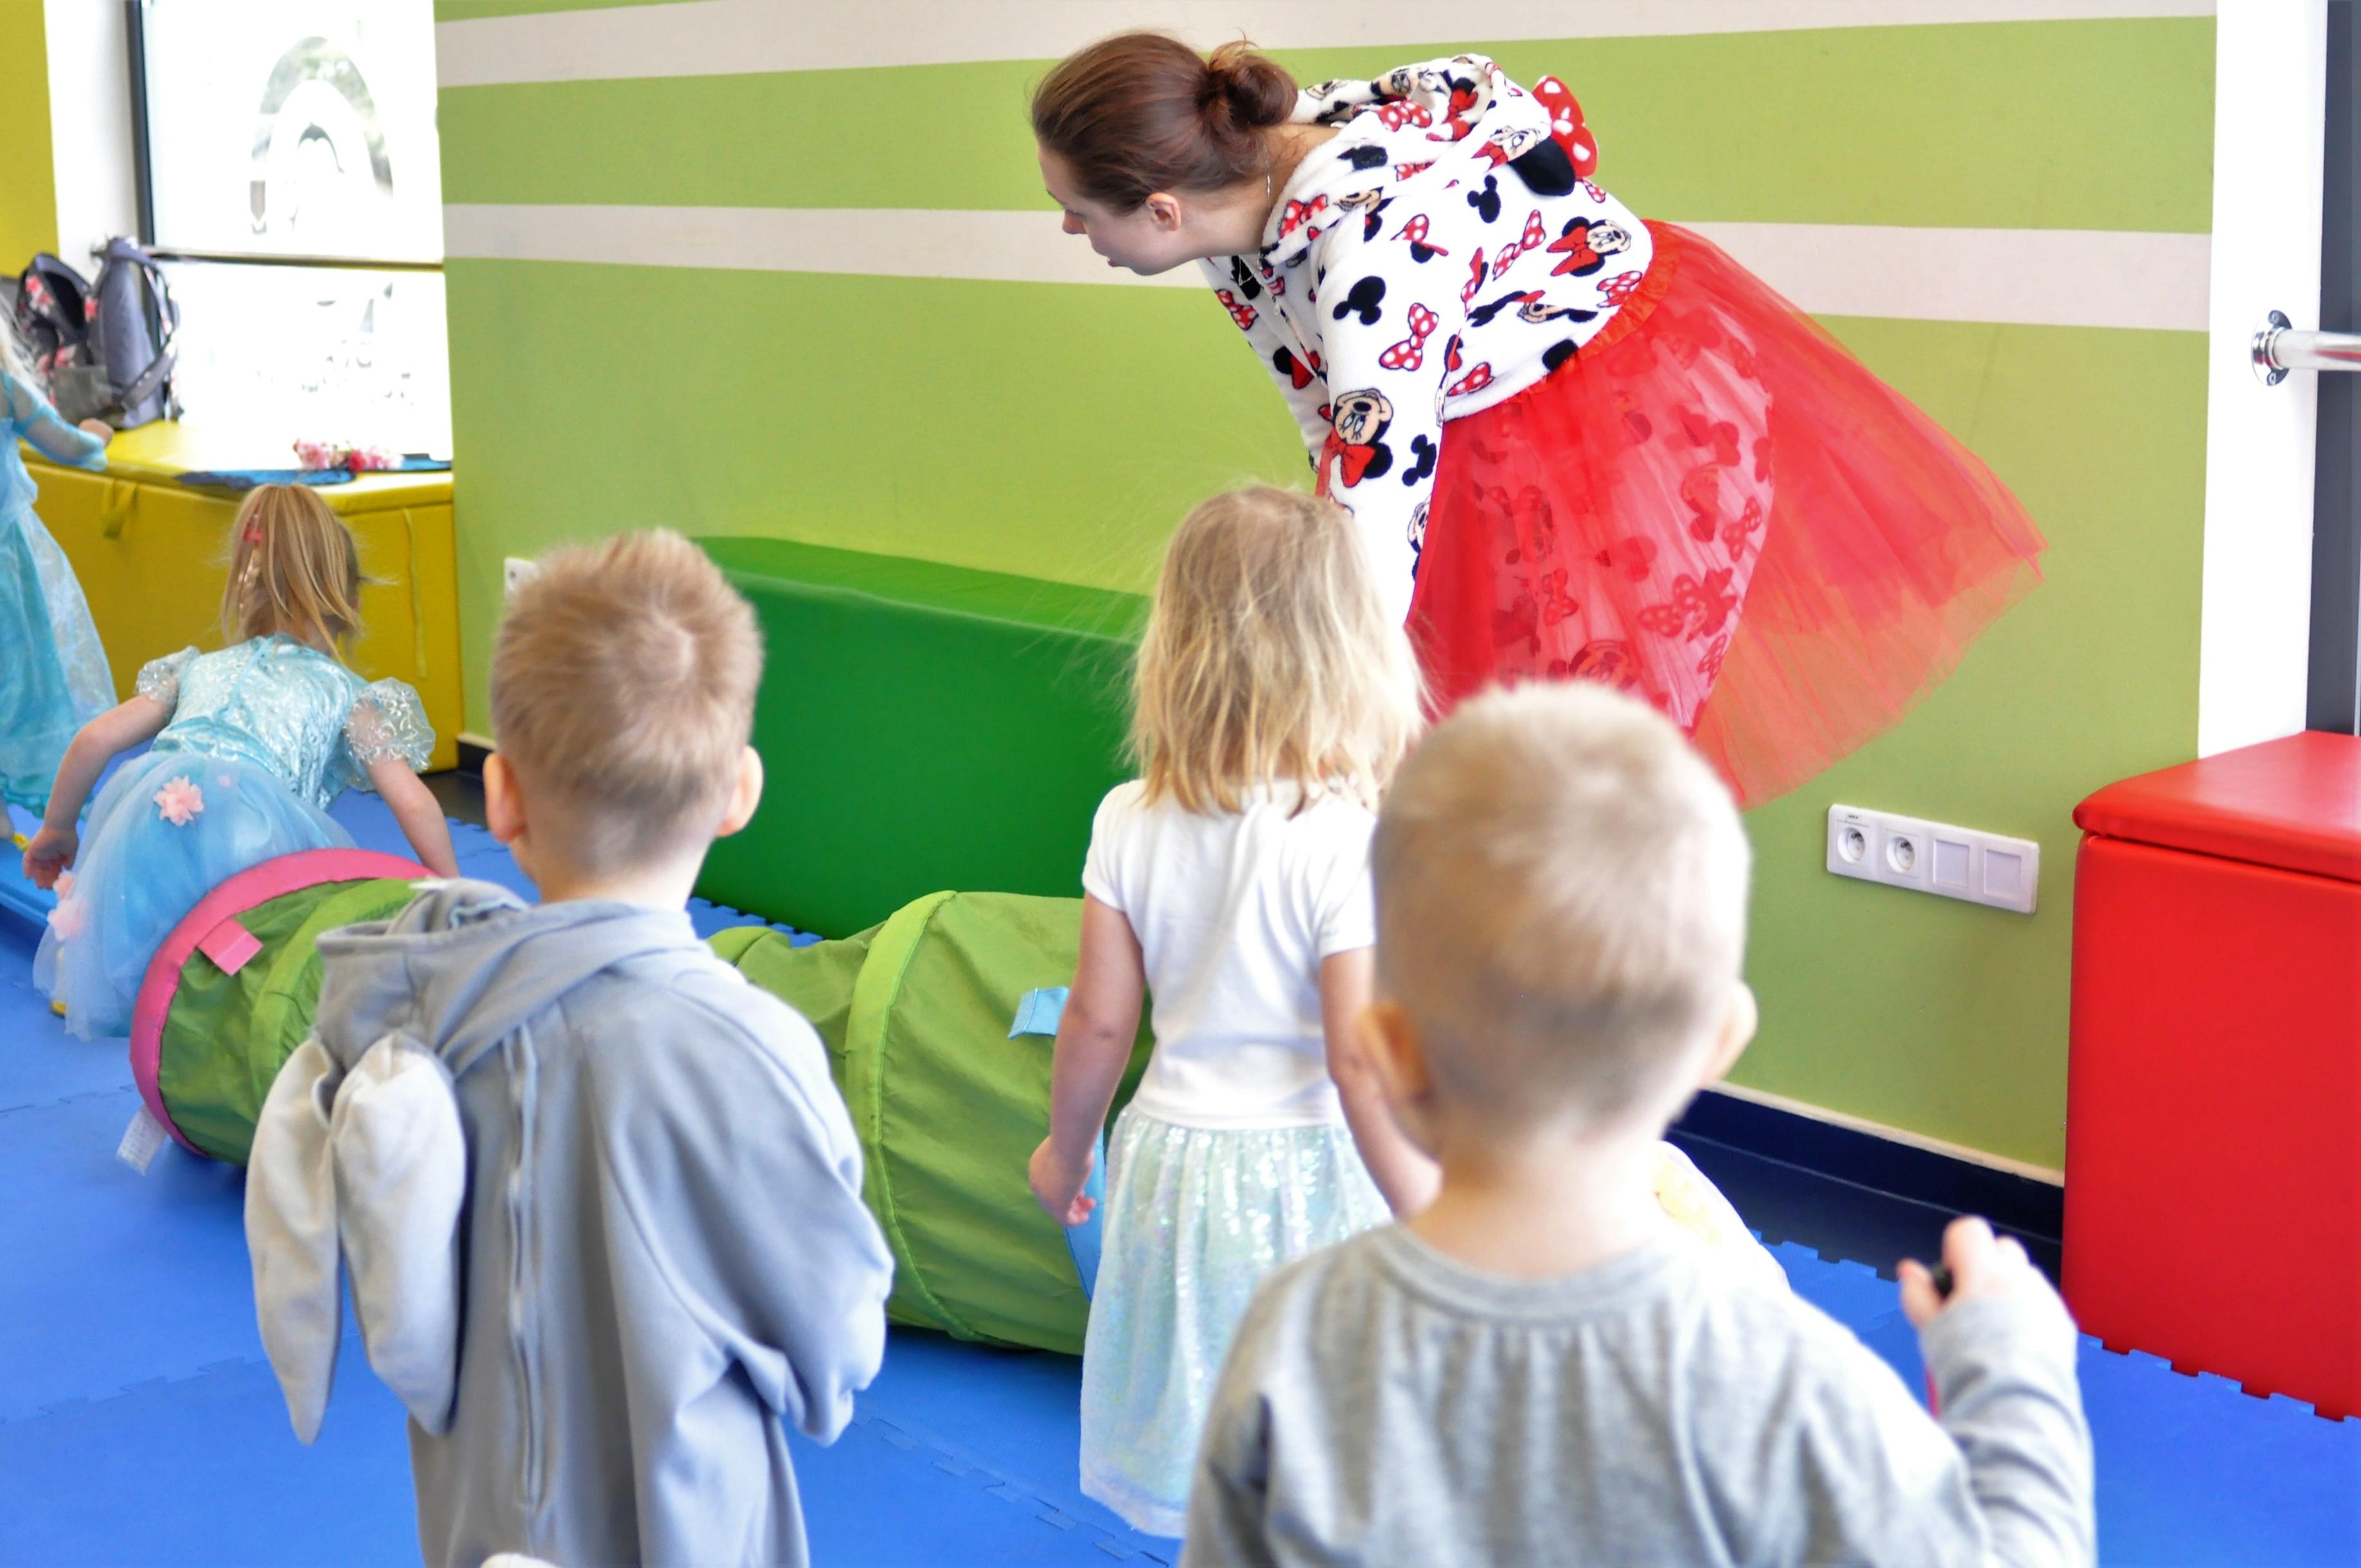 1809be6d40e2d2 Jeśli Twoje dziecko przygotowuje się do pójścia do przedszkola zapraszamy  Was na zajęcia przed-przedszkolne. Jest to cykl zajęć  adaptacyjno-edukacyjnych ...